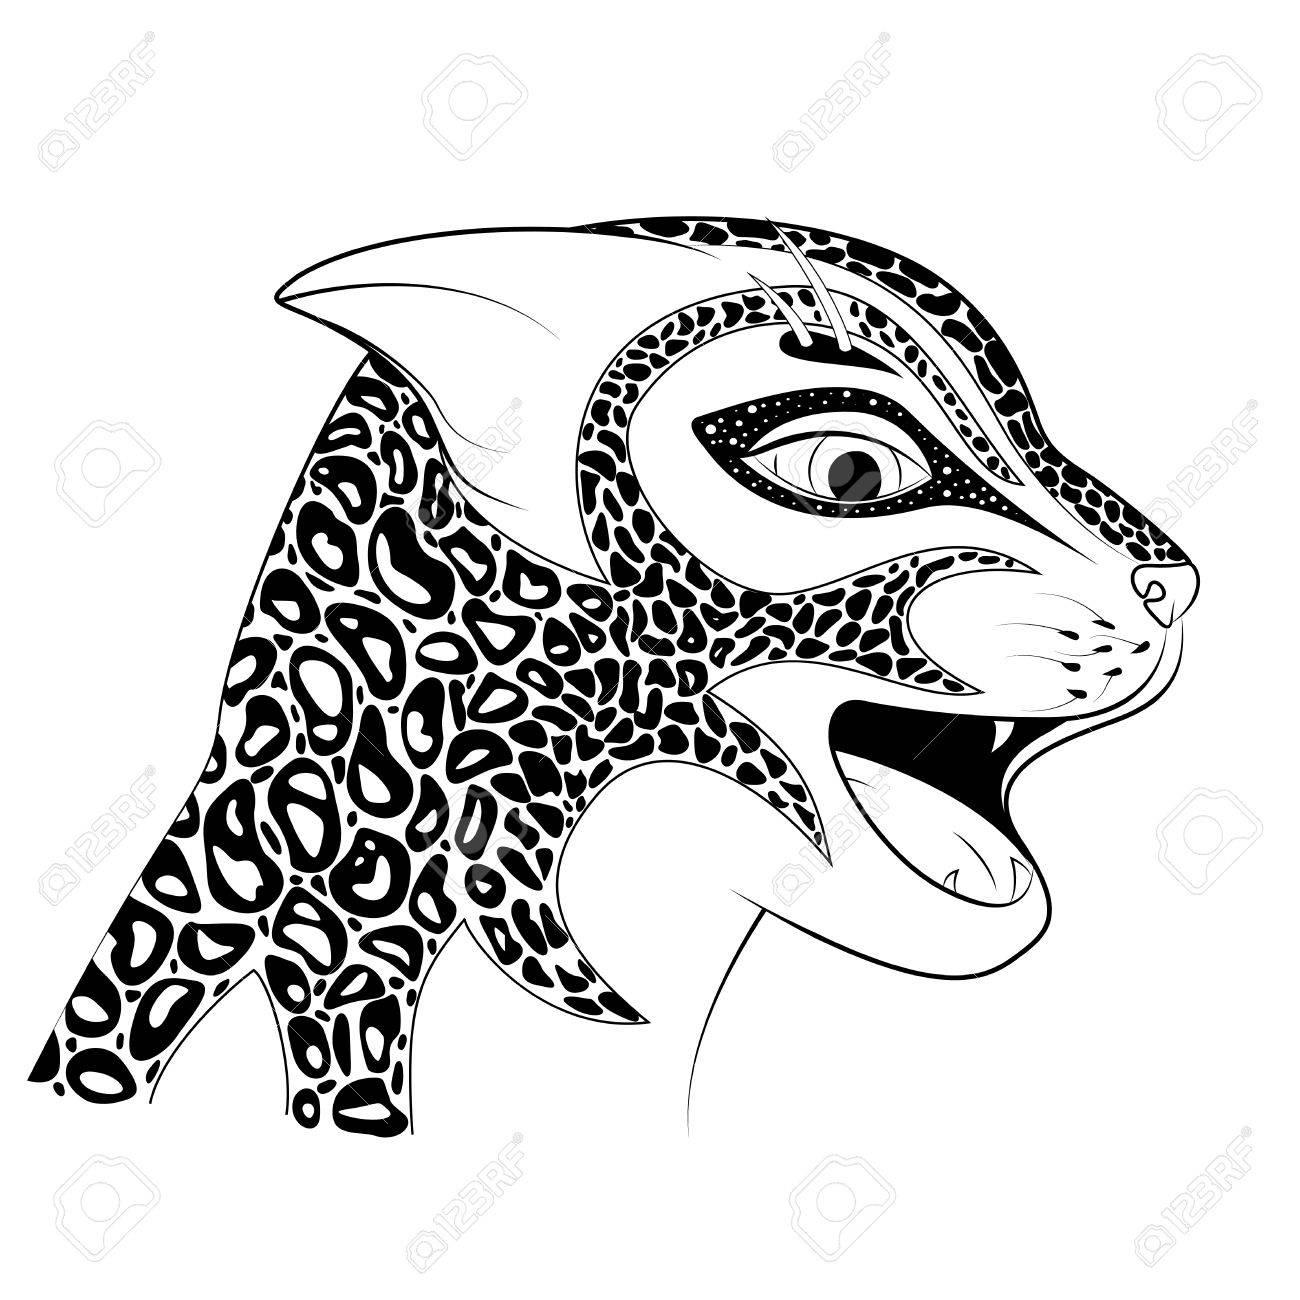 La Cabeza De Un Gato Salvaje Ilustración Vectorial. Zen Tangle Vio ...